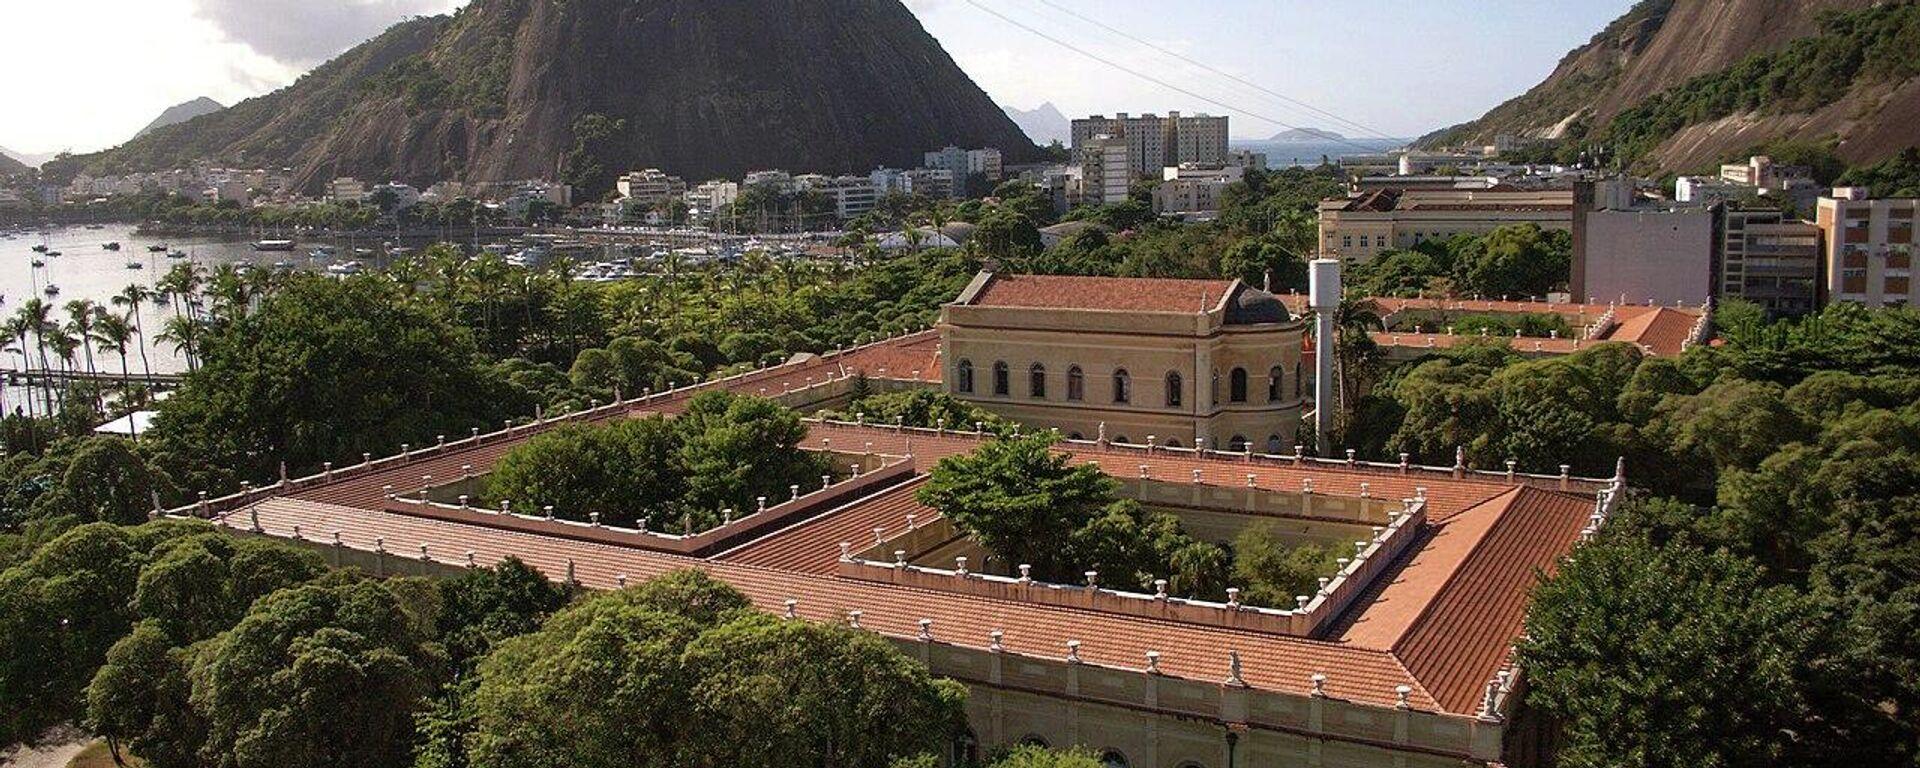 Universidad Federal de Río de Janeiro - Sputnik Mundo, 1920, 24.08.2021